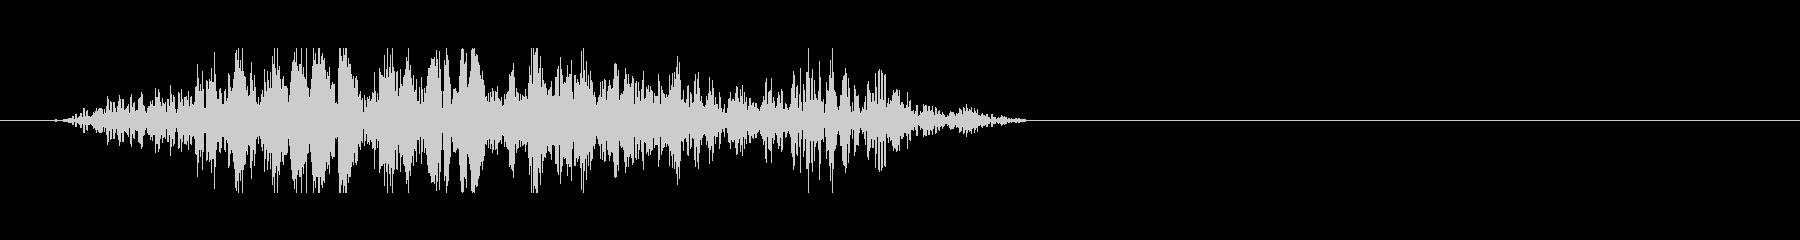 獣やモンスターの発声(アタック)の未再生の波形